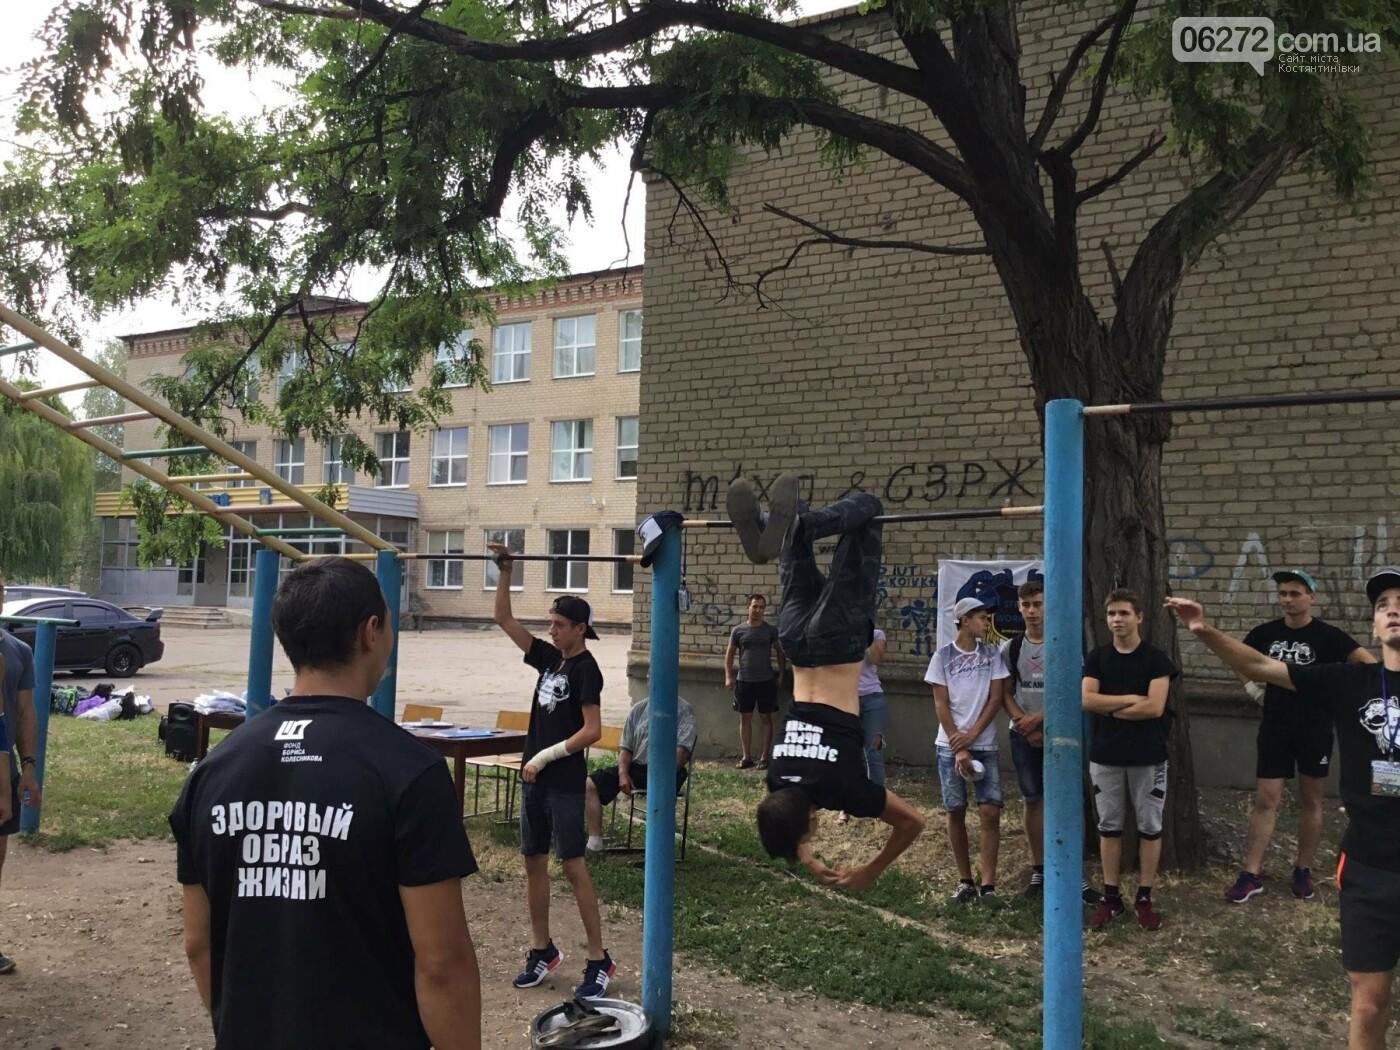 Фото с соревнований по Workout в Константиновке, фото-10